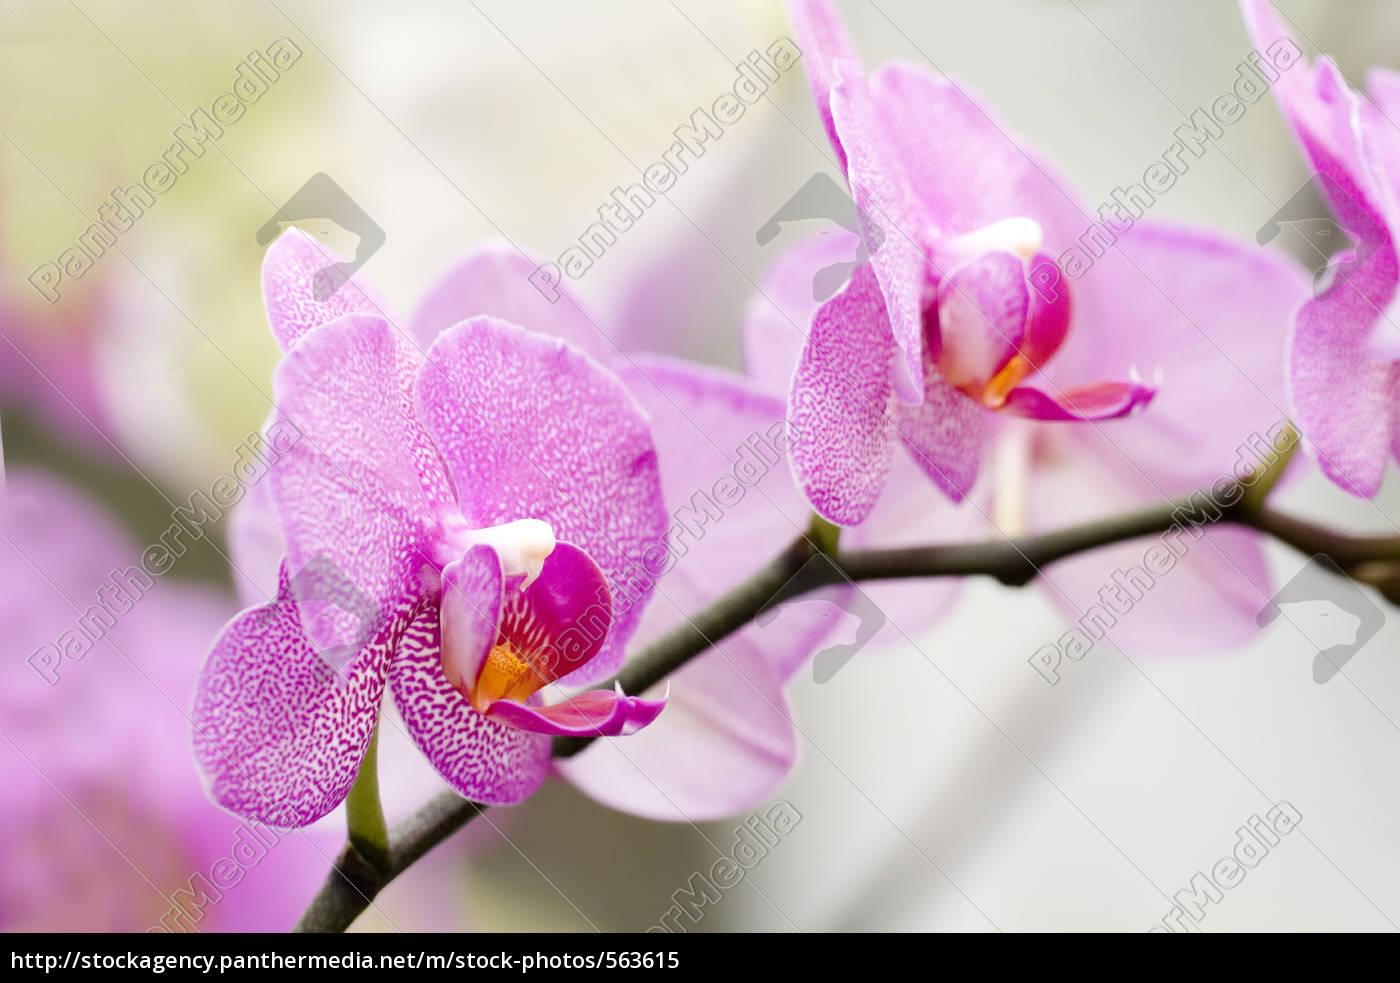 phalaenopsis, orchid - 563615